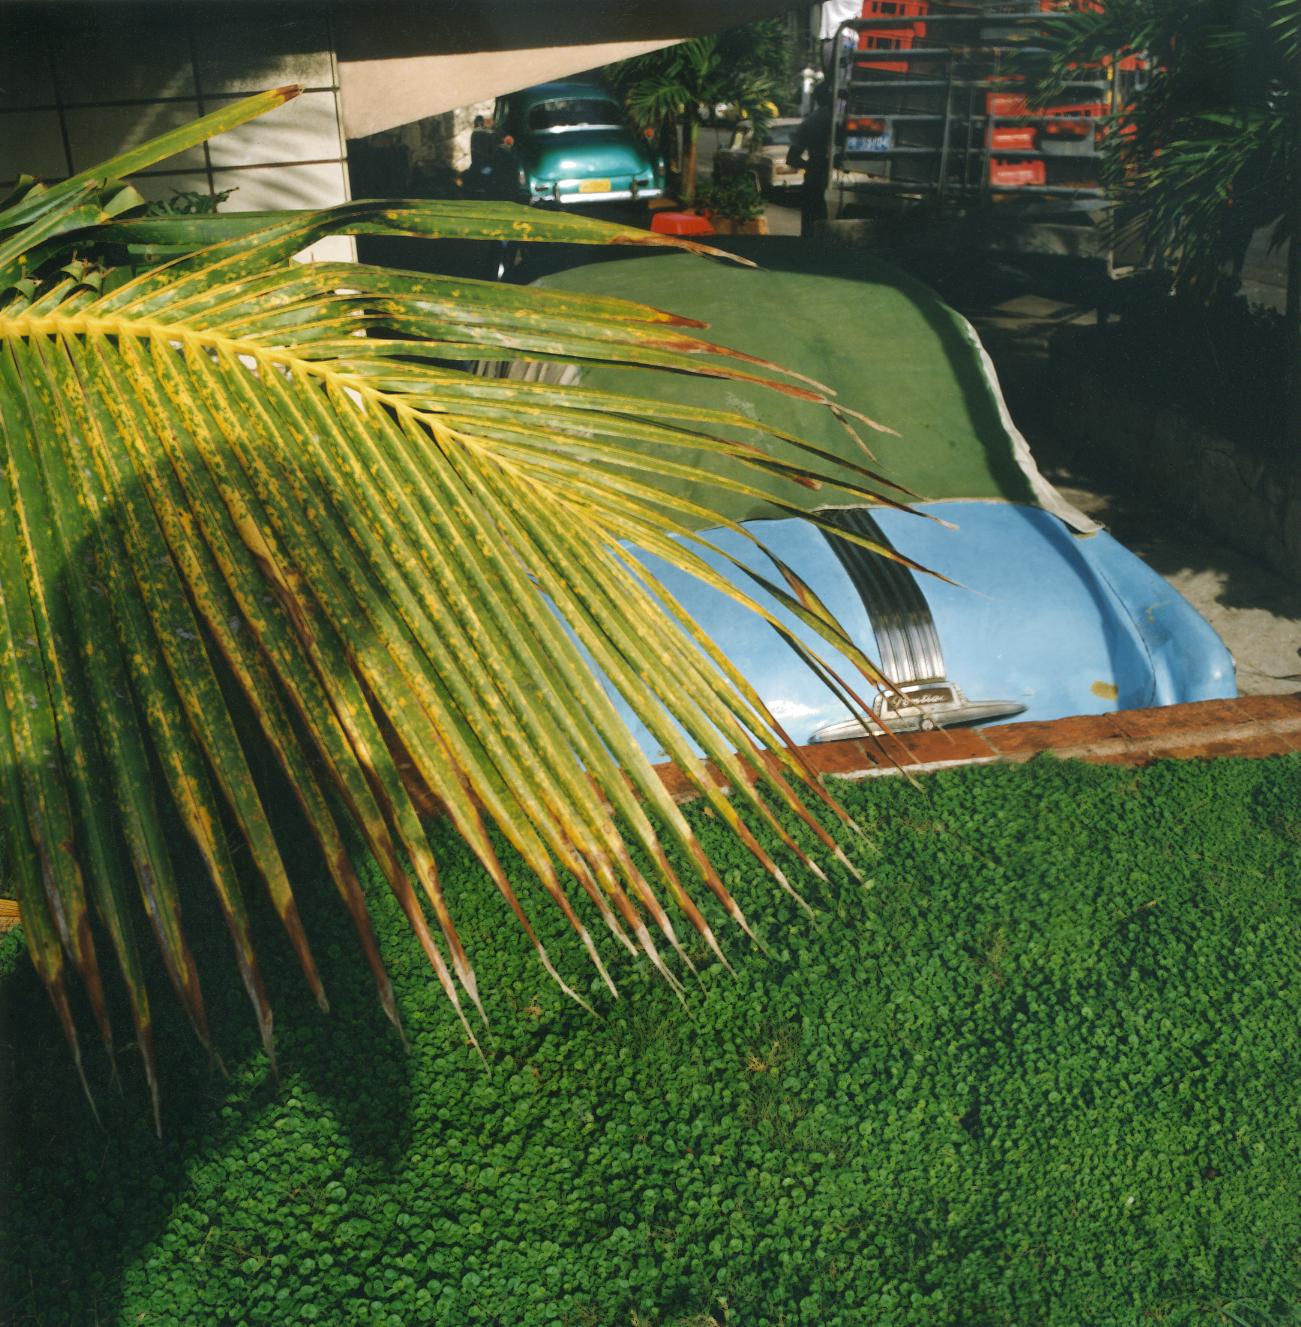 Havana (blue car) 1990